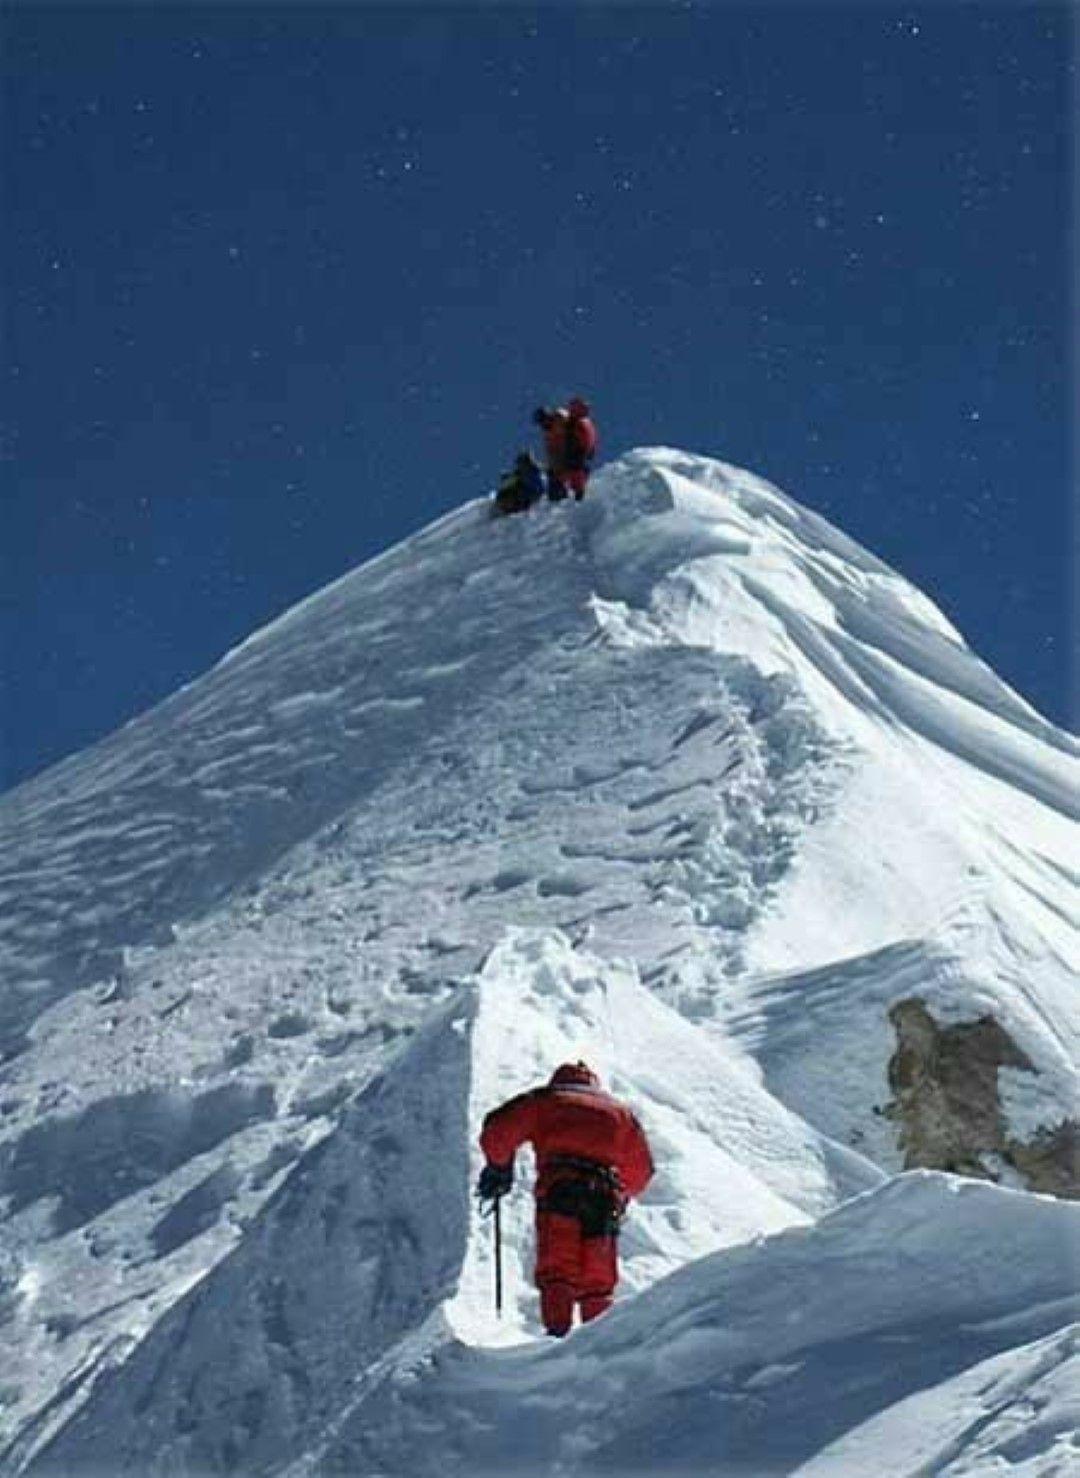 Връх Шиша Пангма е висок 8027 метра